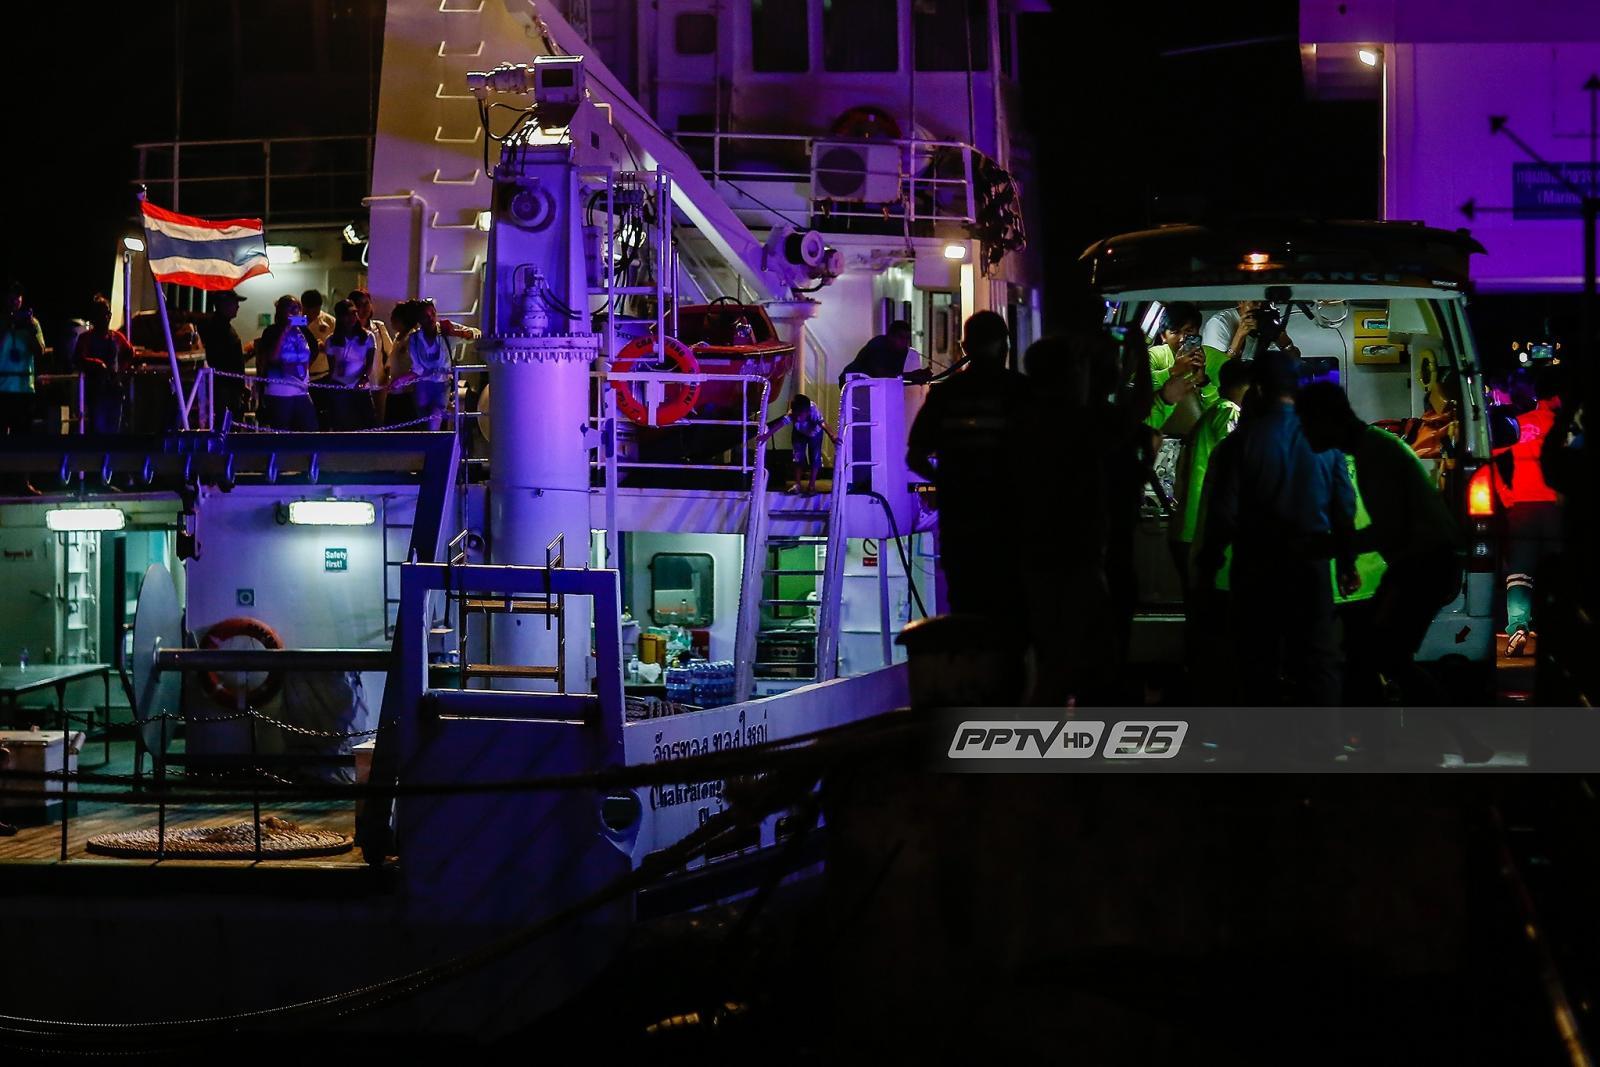 เร่งค้นหาผู้สูญหายอีก 14 คน ผู้ว่าฯ ย้ำระดมค้นหาจนกว่าจะครบ